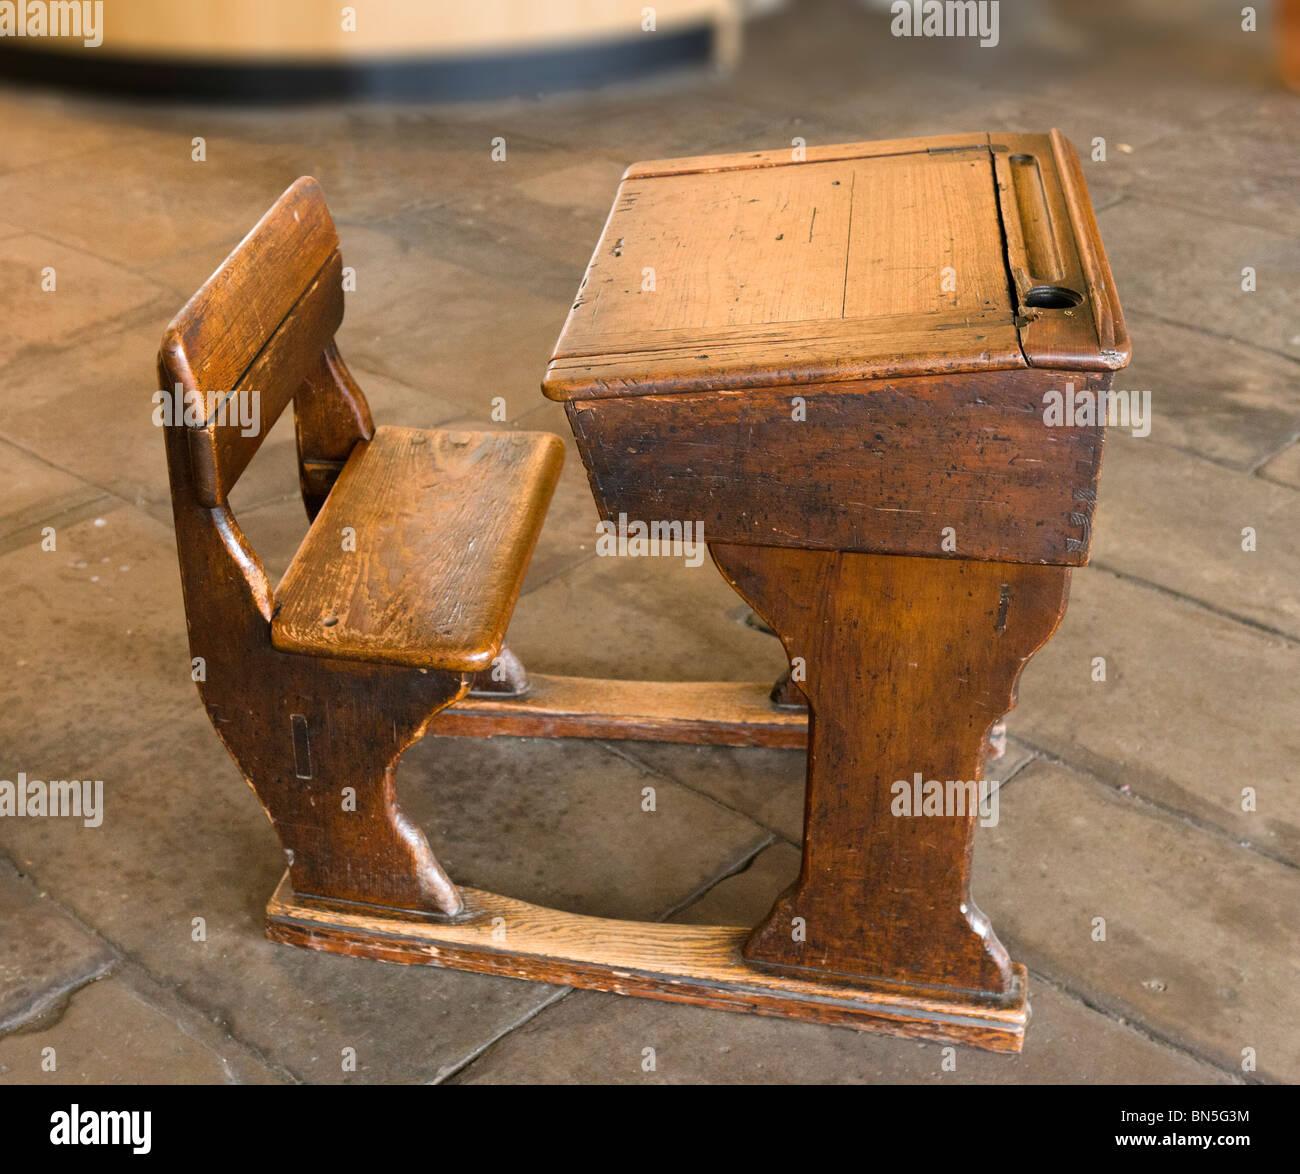 Pupitre de madera tradicionales, sales, Molino de Saltaire, Bradford, Inglaterra Imagen De Stock